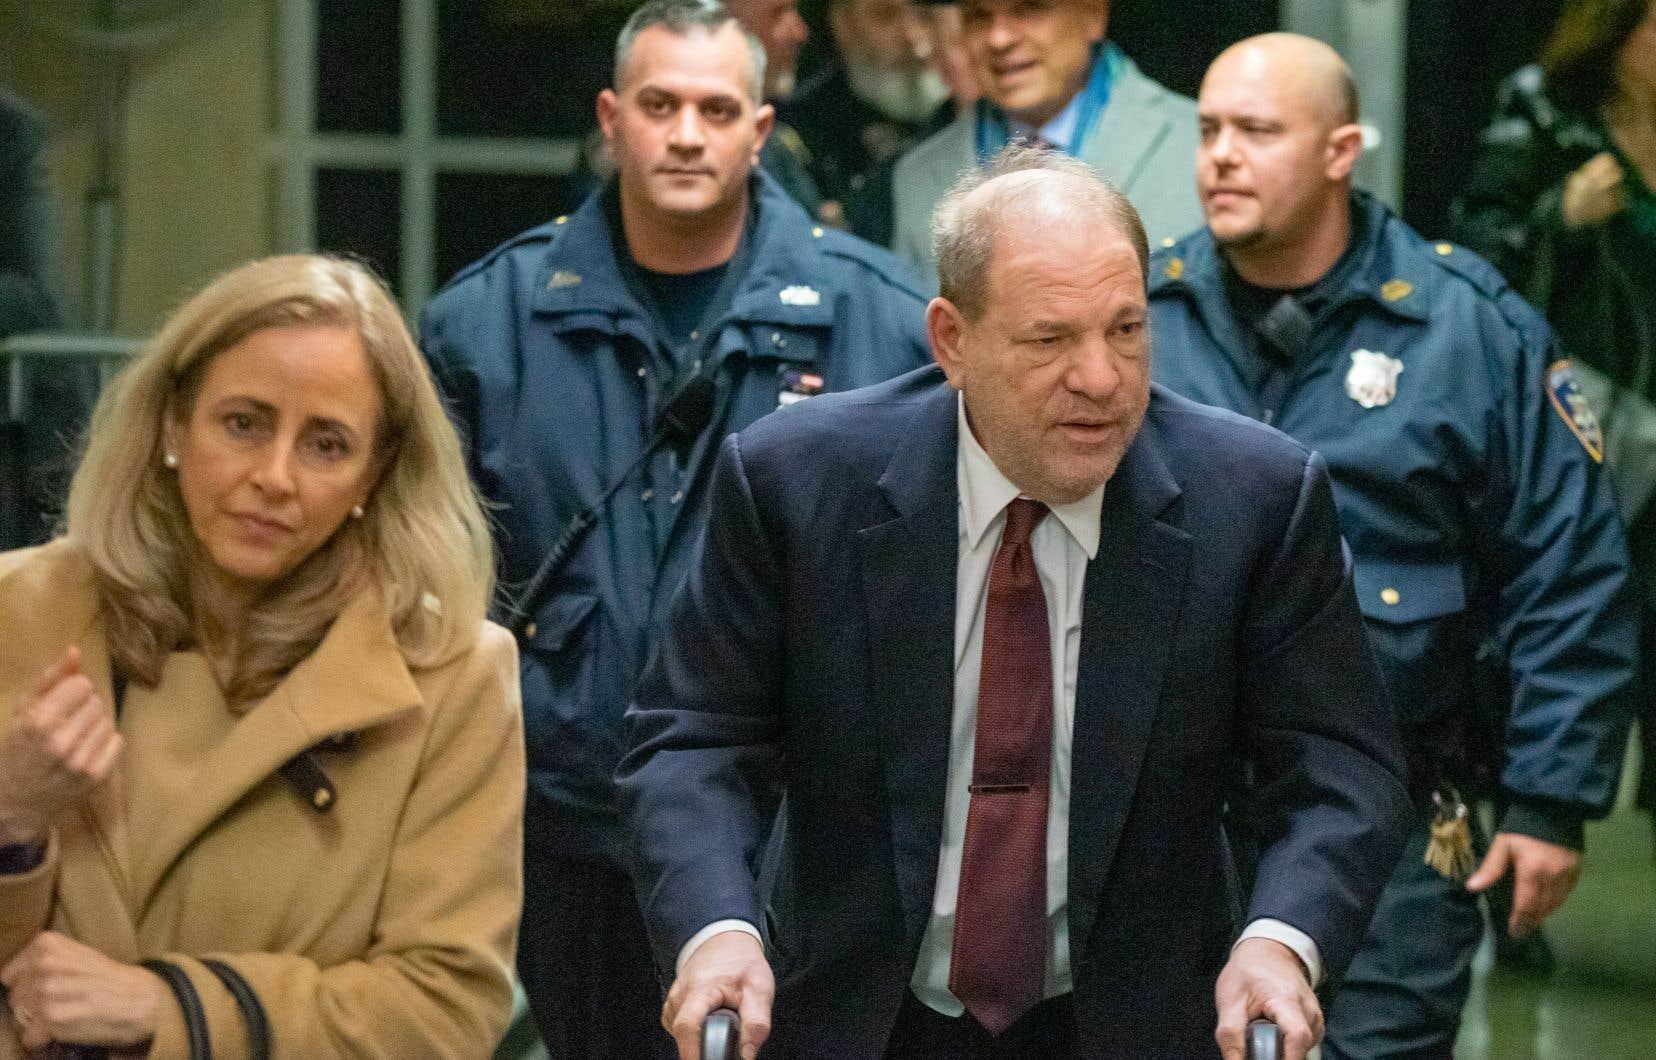 L'ex-producteur Harvey Weinstein lors de son arrivée au tribunal pour son procès pour agression sexuelle, le 28 janvier 2020 à New York.